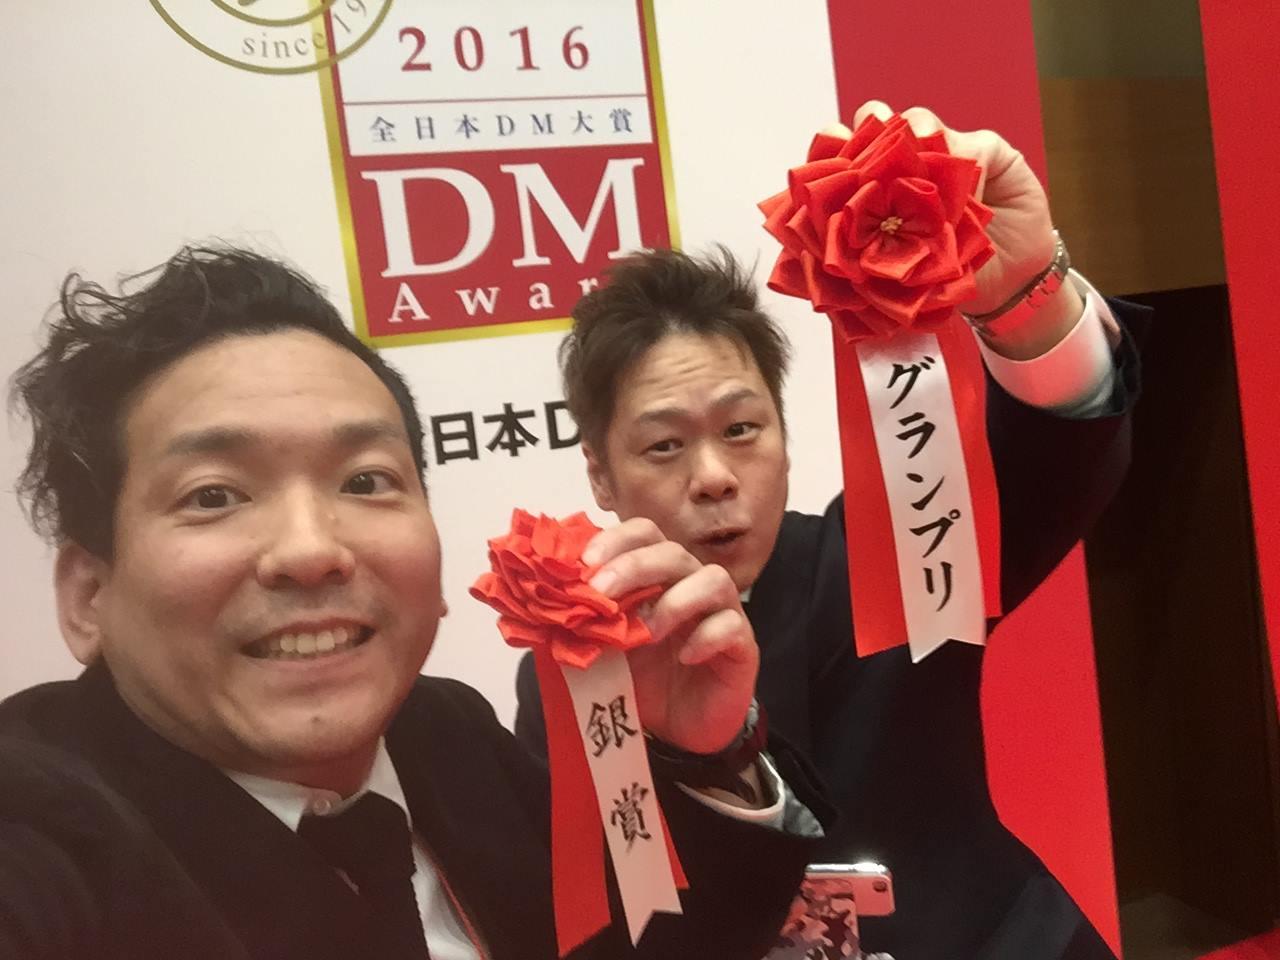 いつの時代にも足を引っ張る人はいる!6/6日本DM大賞受賞セミナー開催